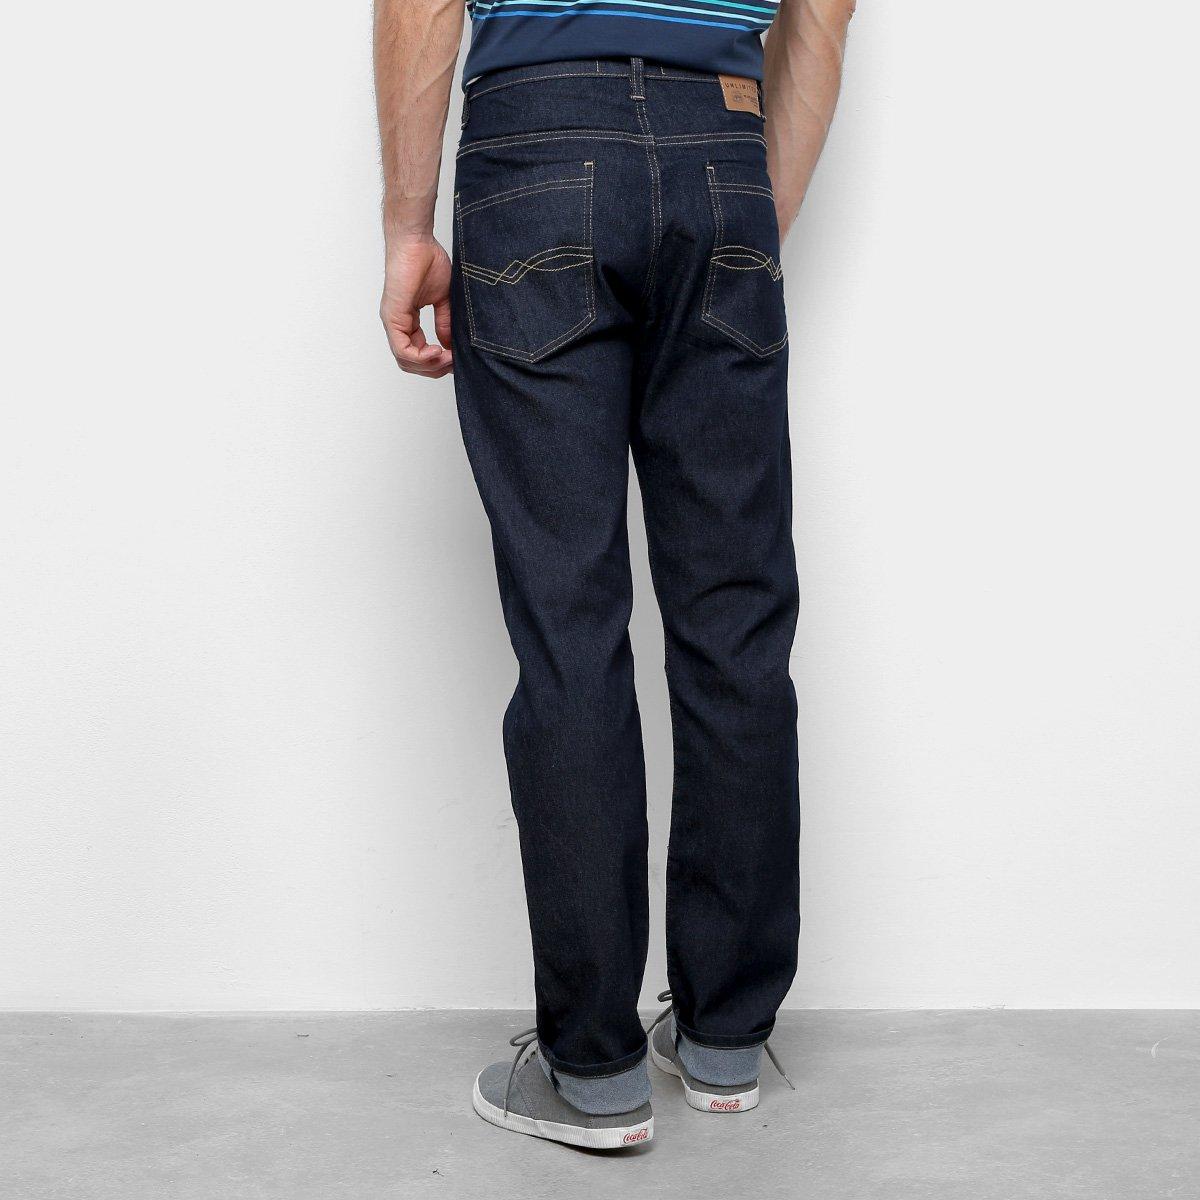 Calça Jeans Ecko Slim Fit Masculina - Tam: 42 - 1